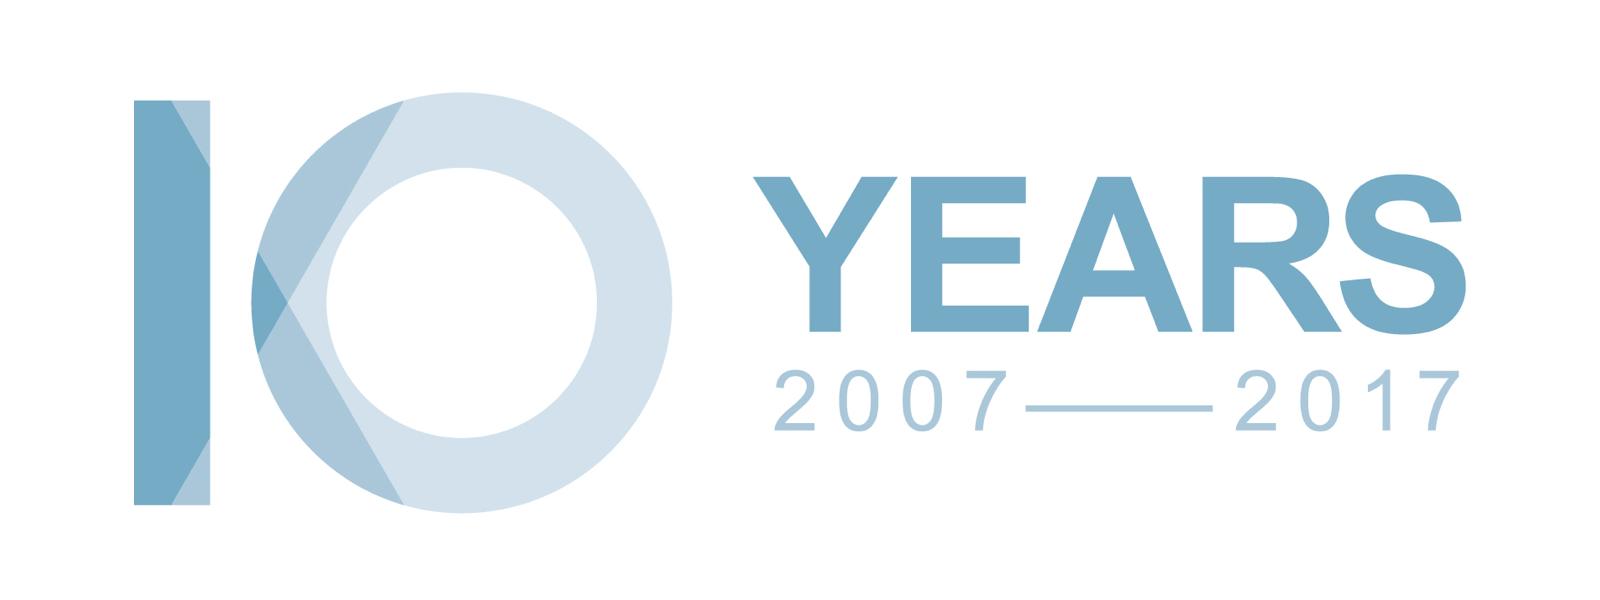 SkylogistiX Celebrating 10 years